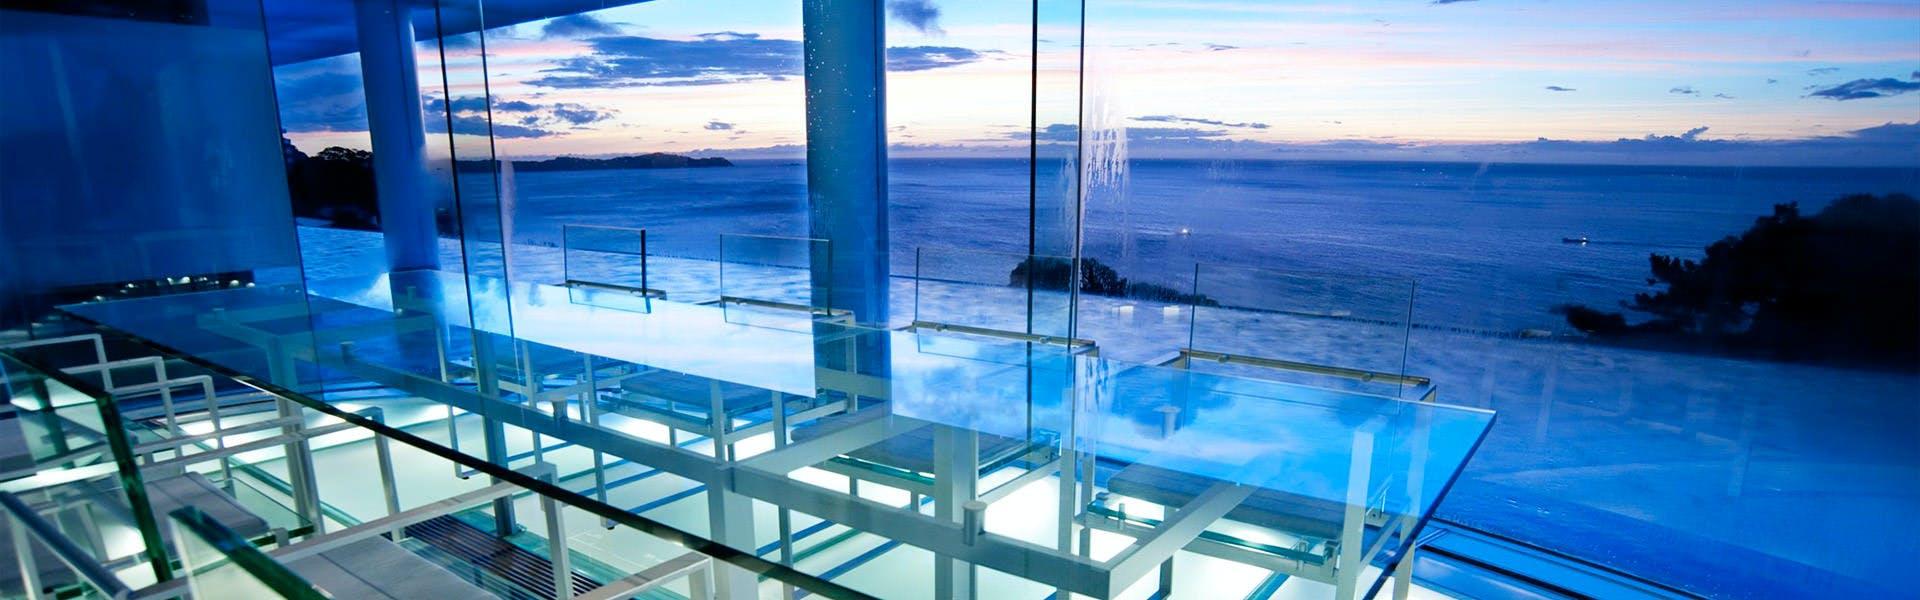 記念日におすすめのホテル・ATAMI 海峯楼の写真1